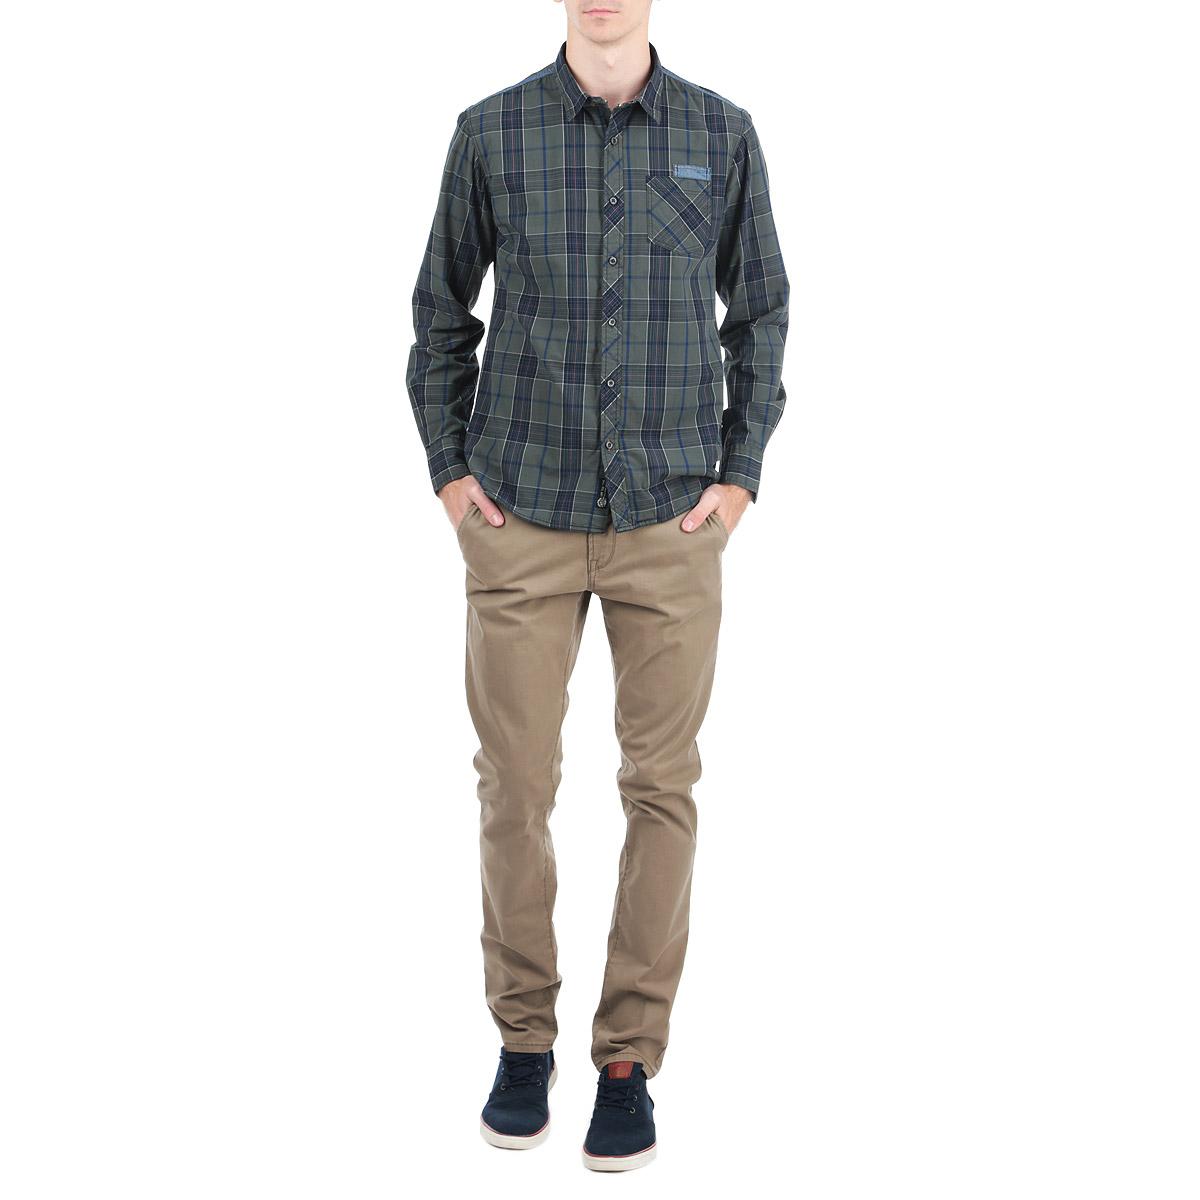 Рубашка10153052_557Стильная рубашка Broadway с длинными рукавами, отложным воротником и застежкой на пуговицы приятная на ощупь, не сковывает движения, обеспечивая наибольший комфорт.Рубашка, выполненная из хлопка, обладает высокой воздухопроницаемостью и гигроскопичностью, позволяет коже дышать, тем самым обеспечивая наибольший комфорт при носке даже самым жарким летом. Модель оформлена ярким клетчатым принтом, накладным карманом слева и потайным кармашком. Эта модная и удобная рубашка послужит замечательным дополнением к вашему гардеробу.